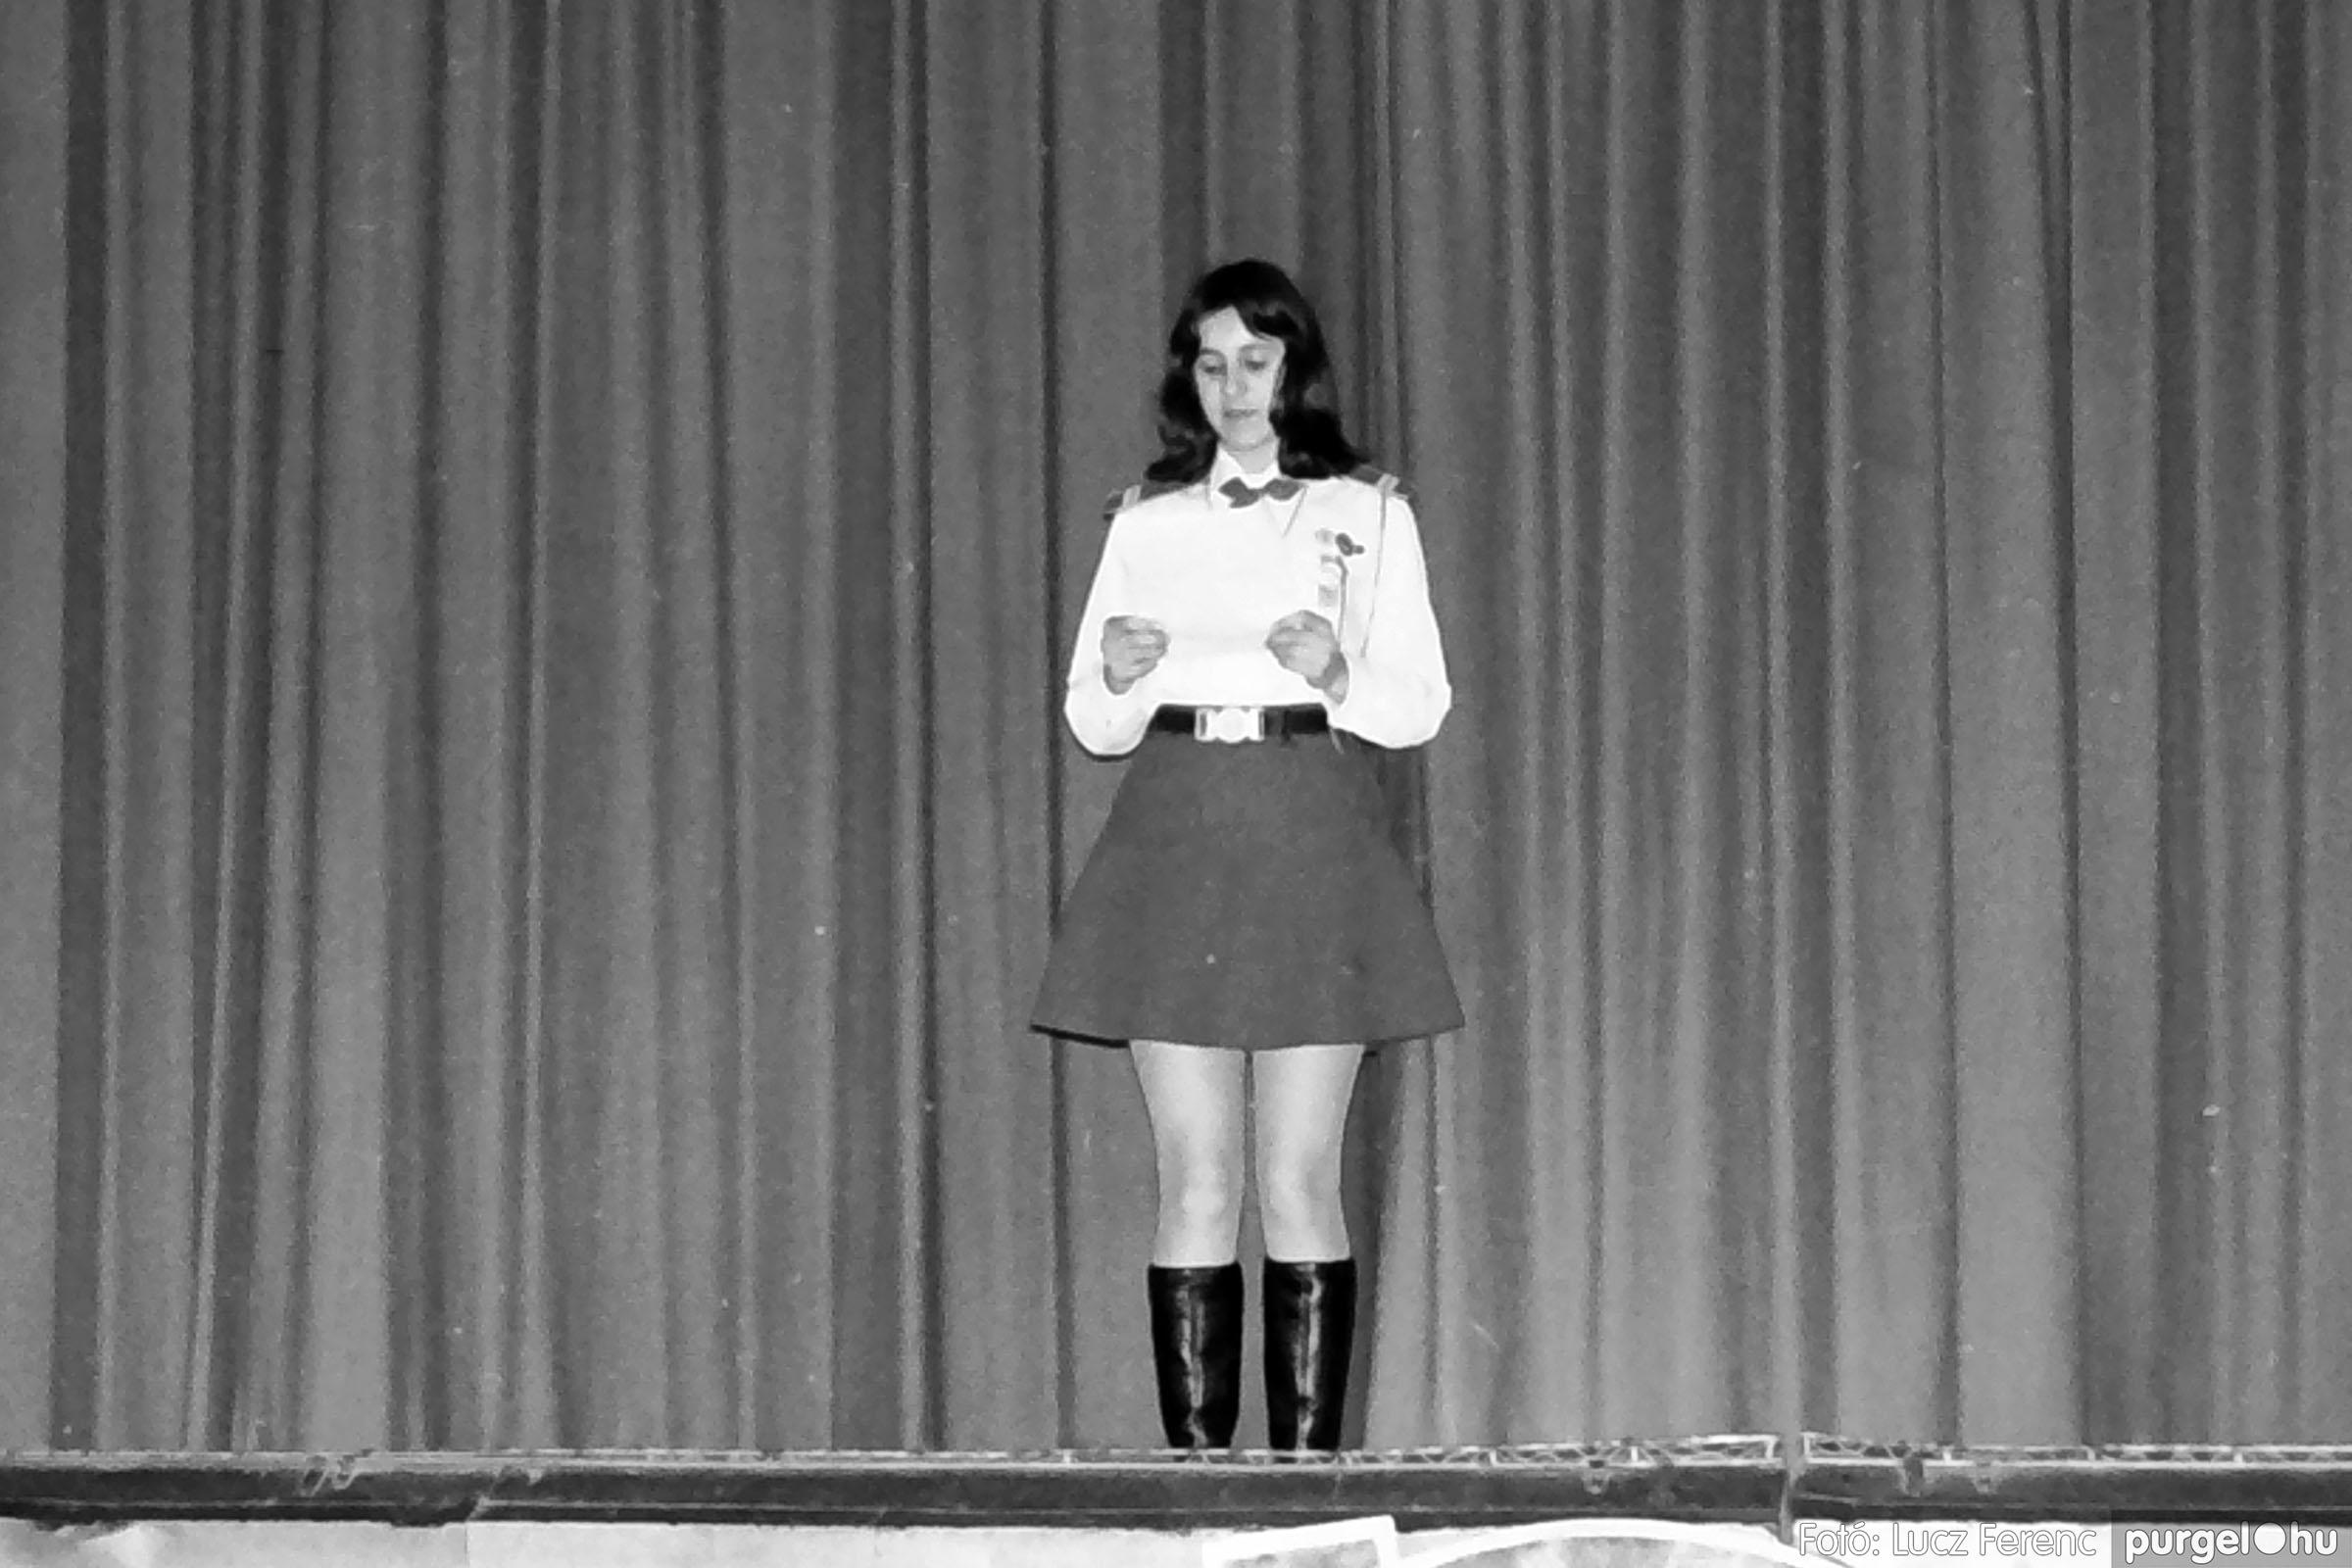 036-037. 1976. Diákprogram a kultúrházban 026 - Fotó: Lucz Ferenc.jpg